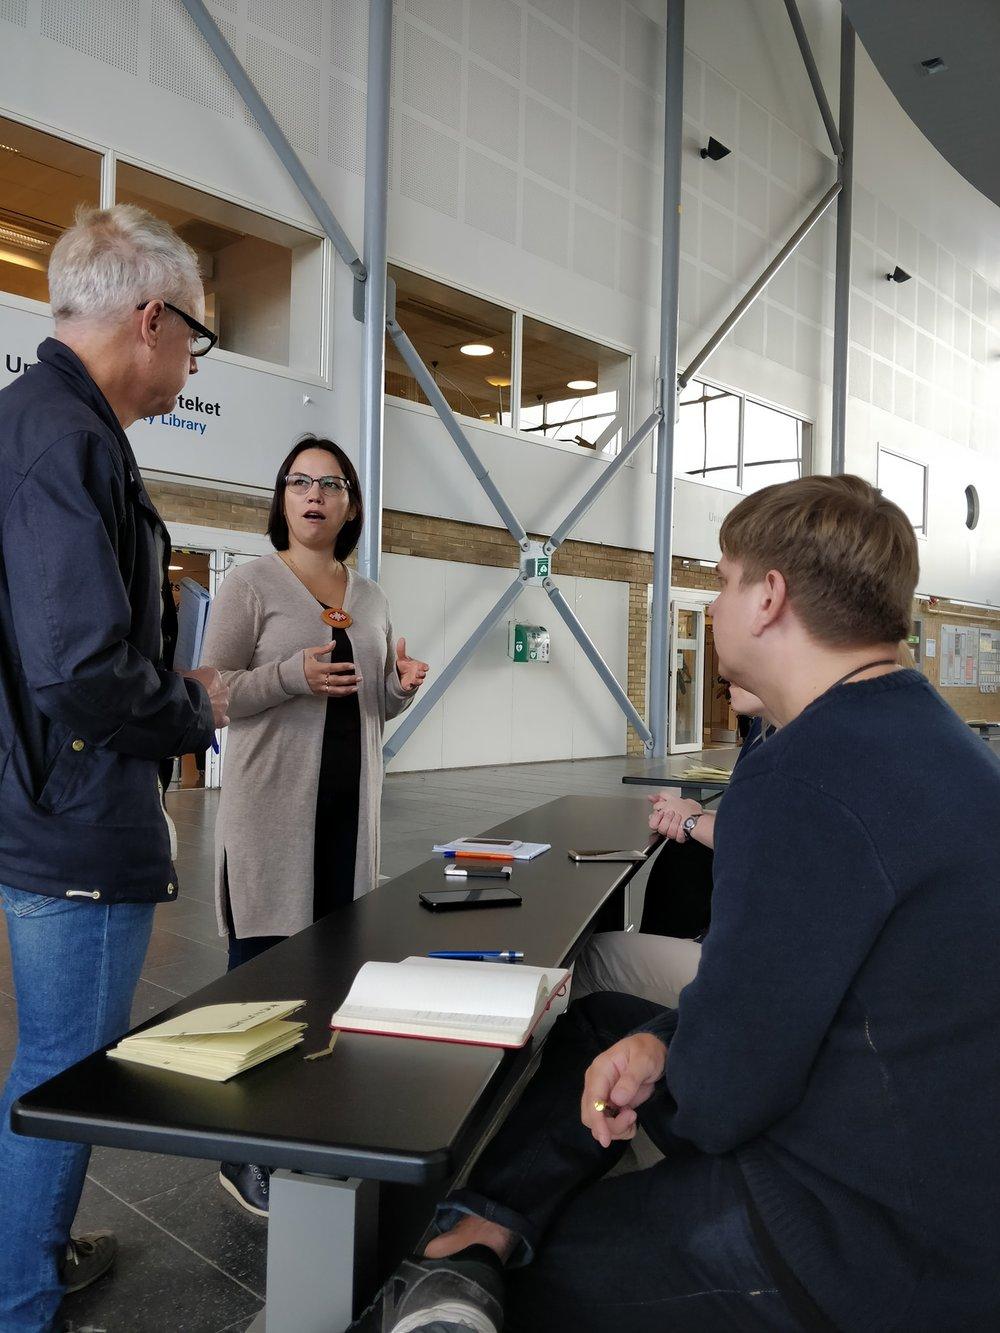 Två ryska deltagare blir intervjuade via tolk av Västerbottens kuriren. Foto:   Erland Segerstedt